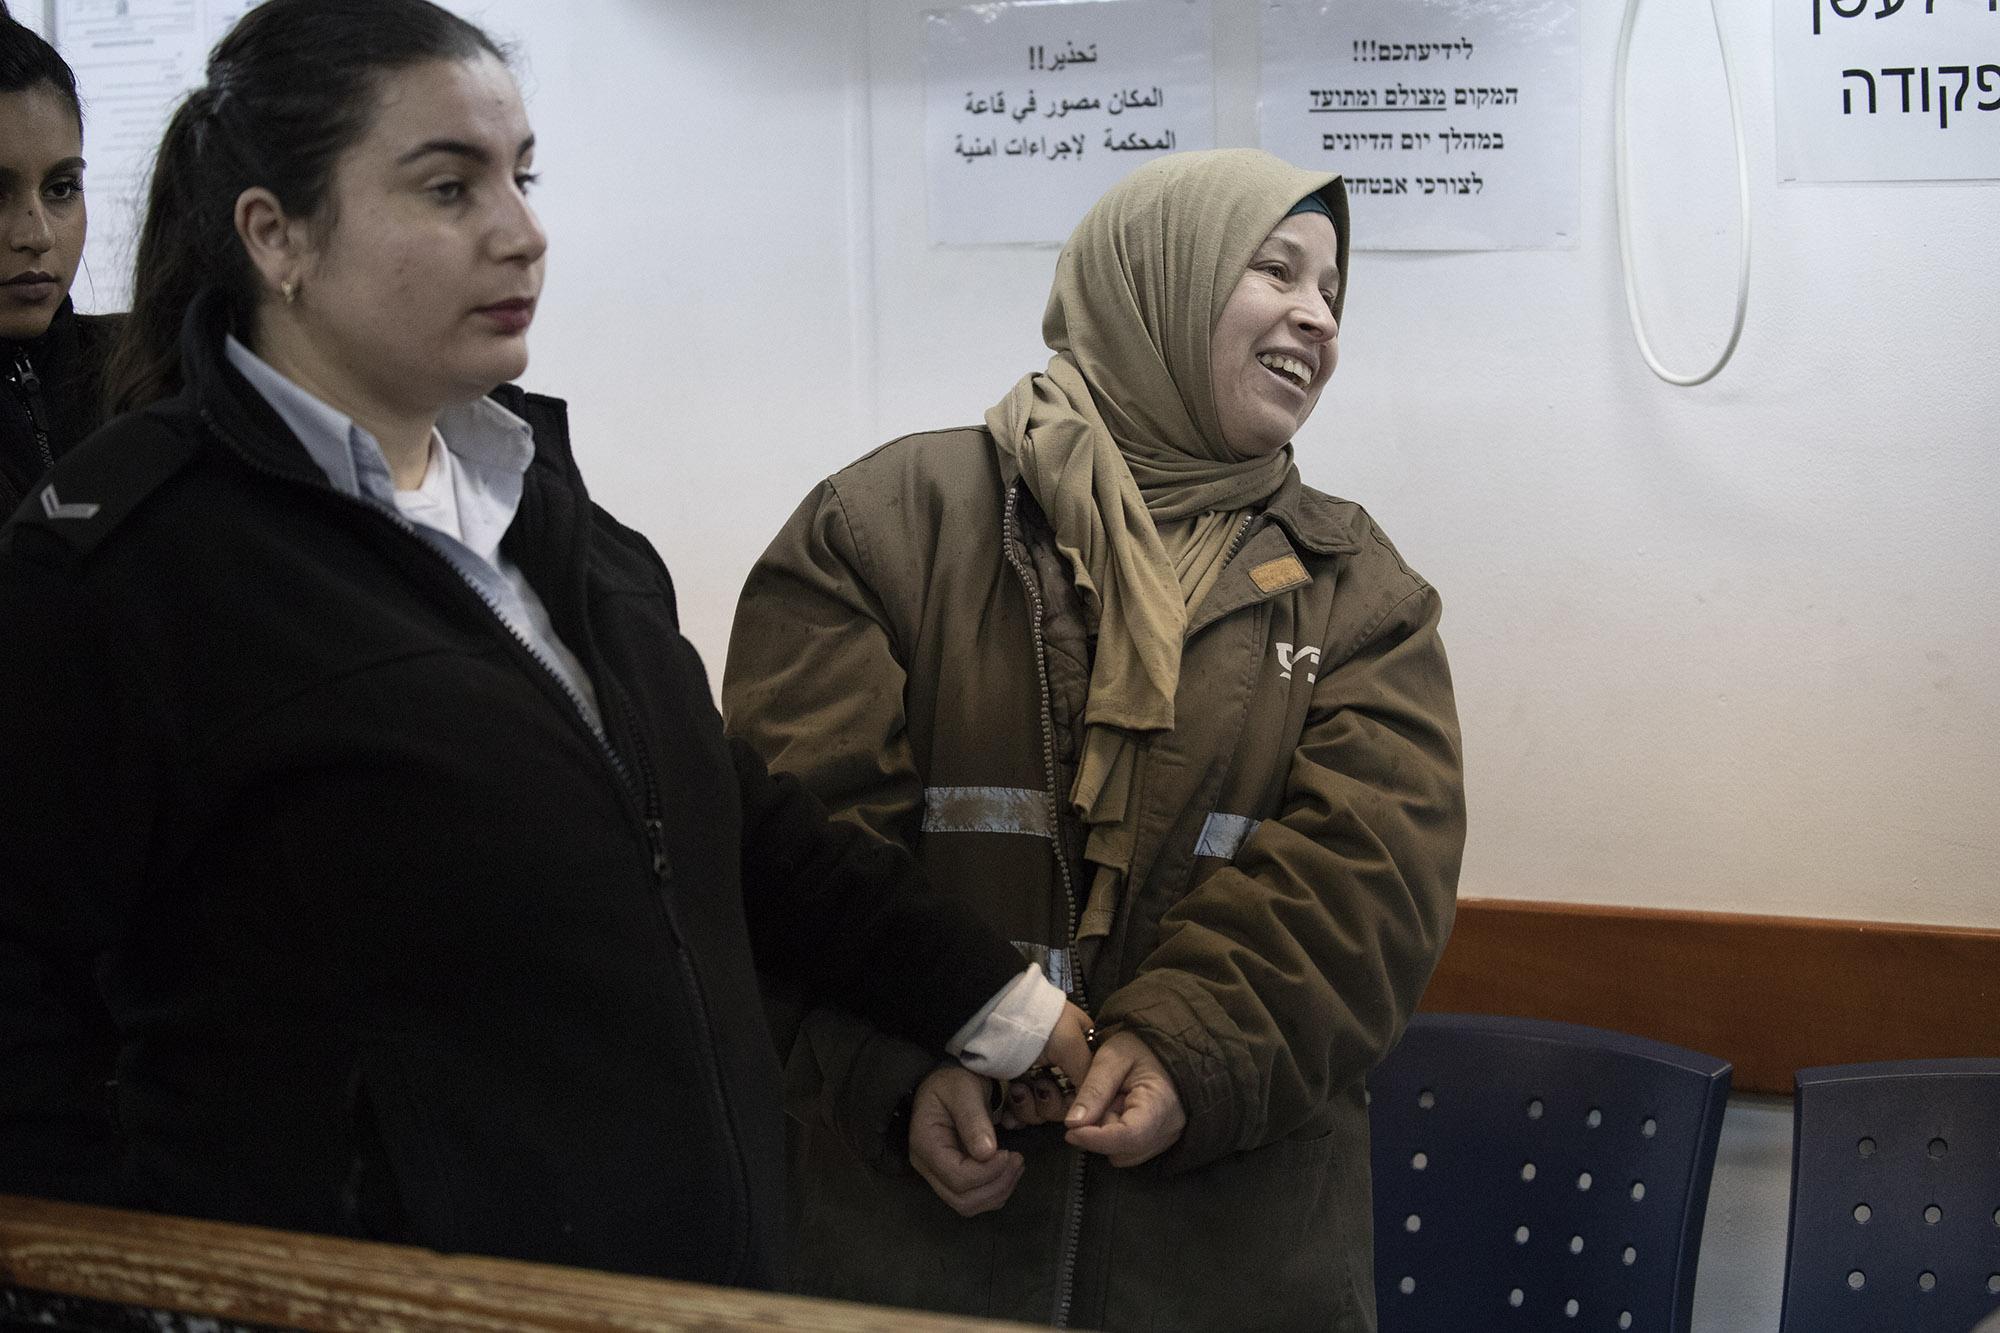 נרימאן תמימי מובאת לבית המשפט לאחד הדיונים בתיקה (אורן זיו/ אקטיבסטילס)